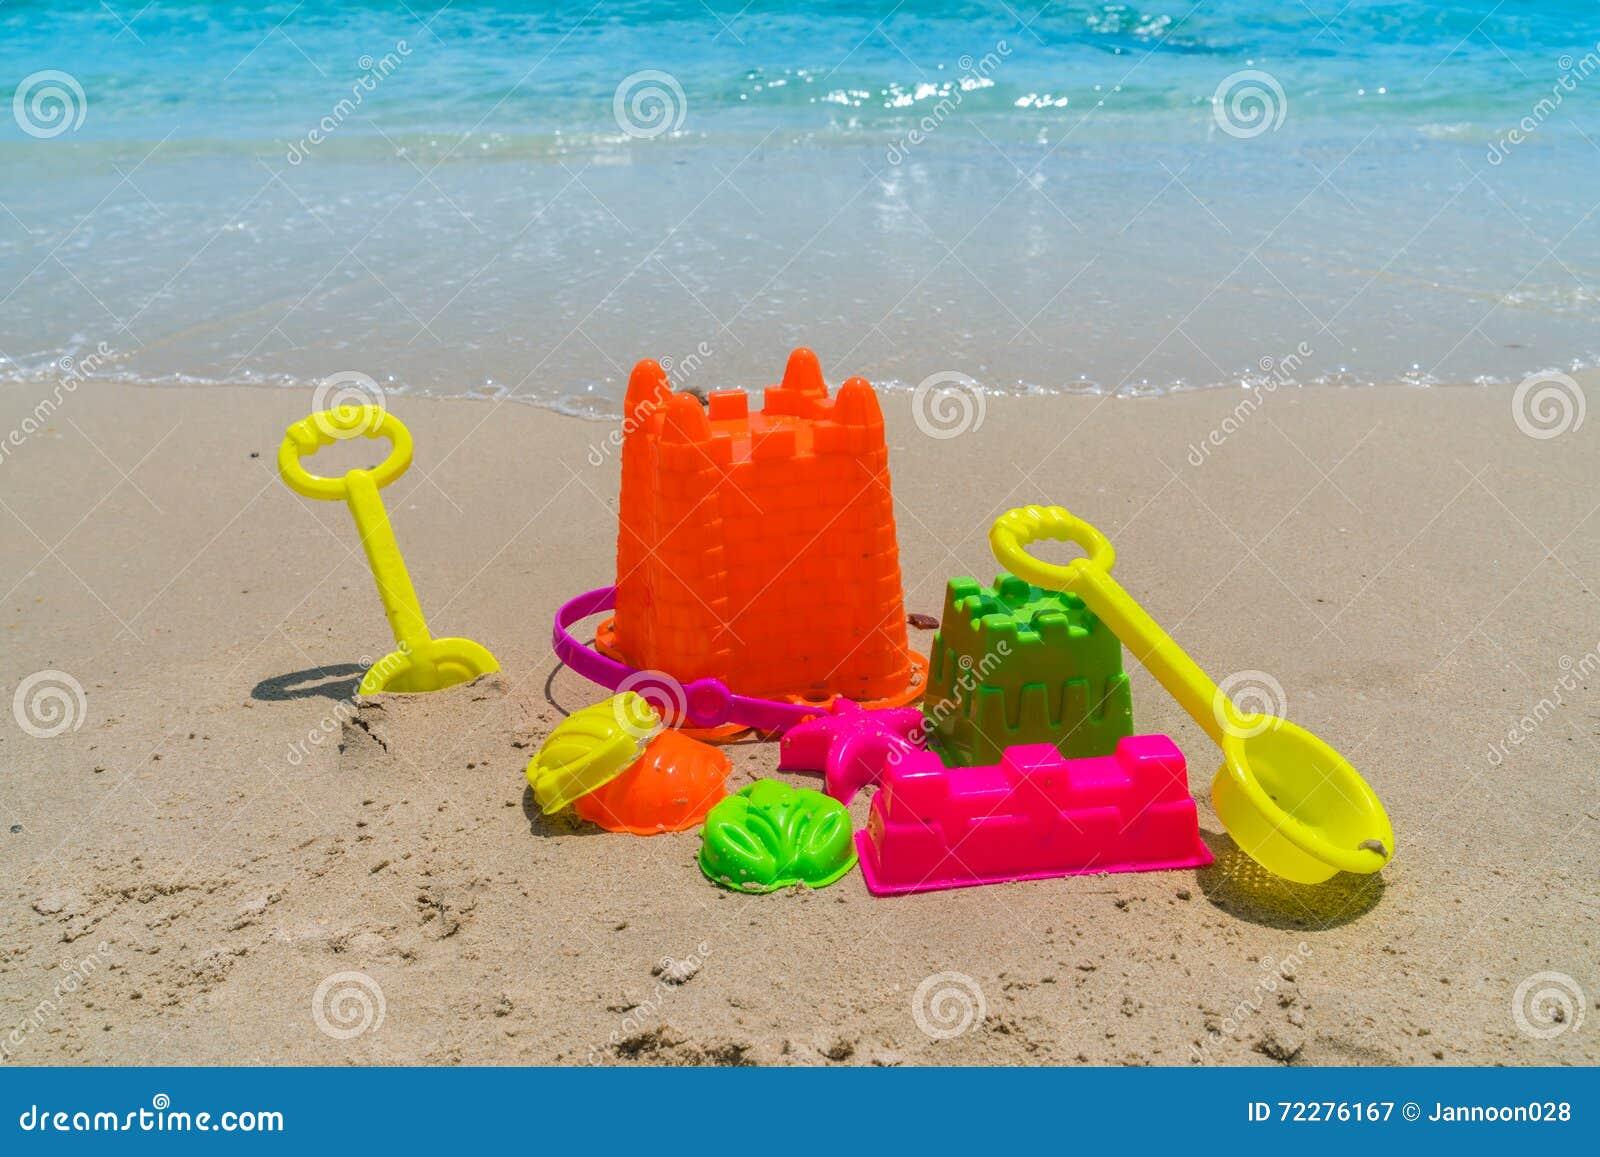 Download Игрушки пляжа на пляже моря Стоковое Изображение - изображение насчитывающей горизонтально, напольно: 72276167